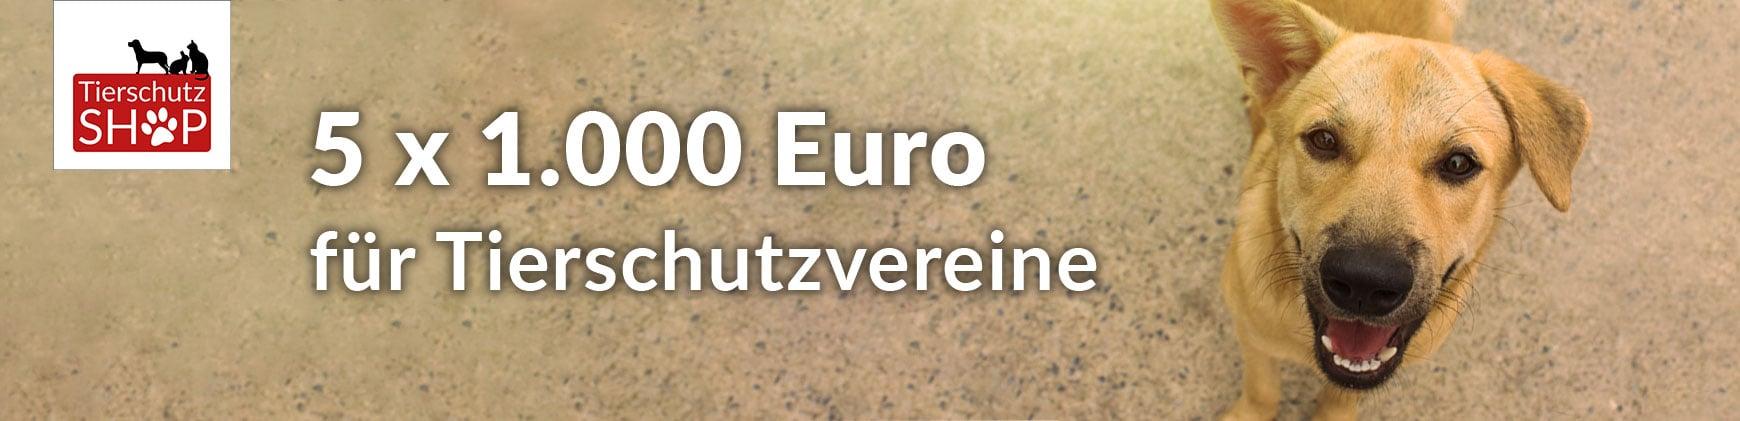 Abstimmung 5x1000€ für Tierschutzvereine!